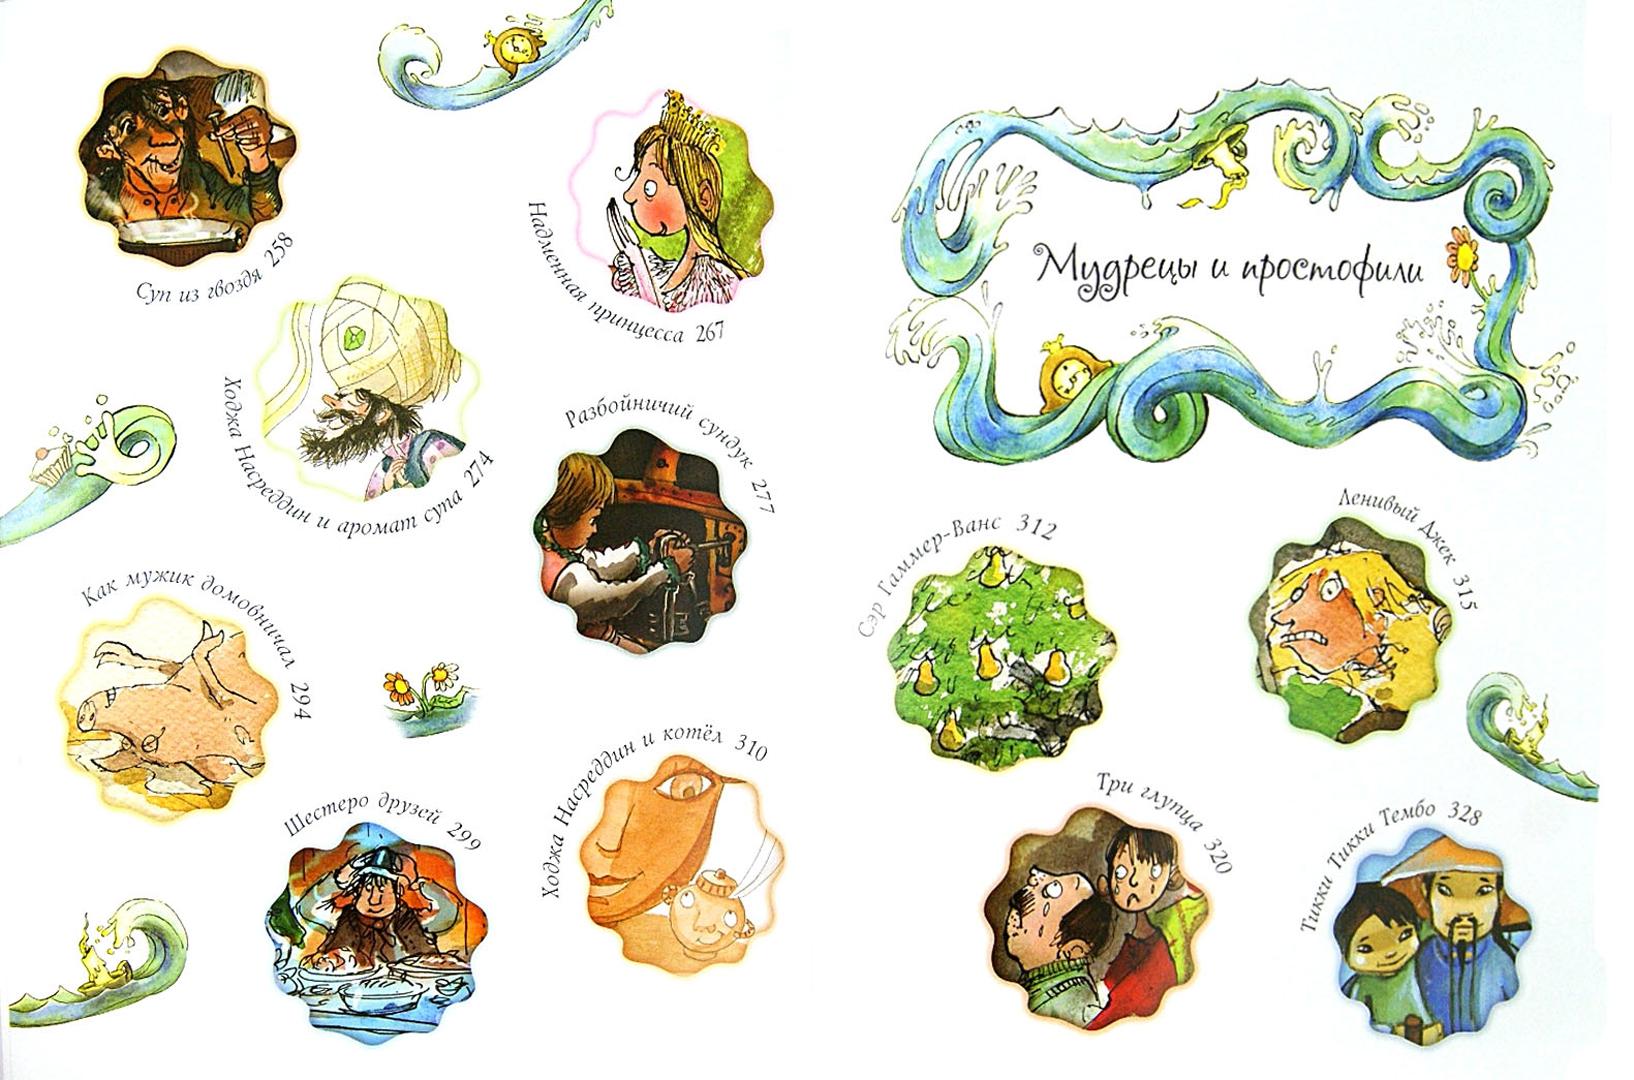 Иллюстрация 1 из 11 для 50 сказок на ночь - Киплинг, Андерсен, Джейкобс | Лабиринт - книги. Источник: Лабиринт